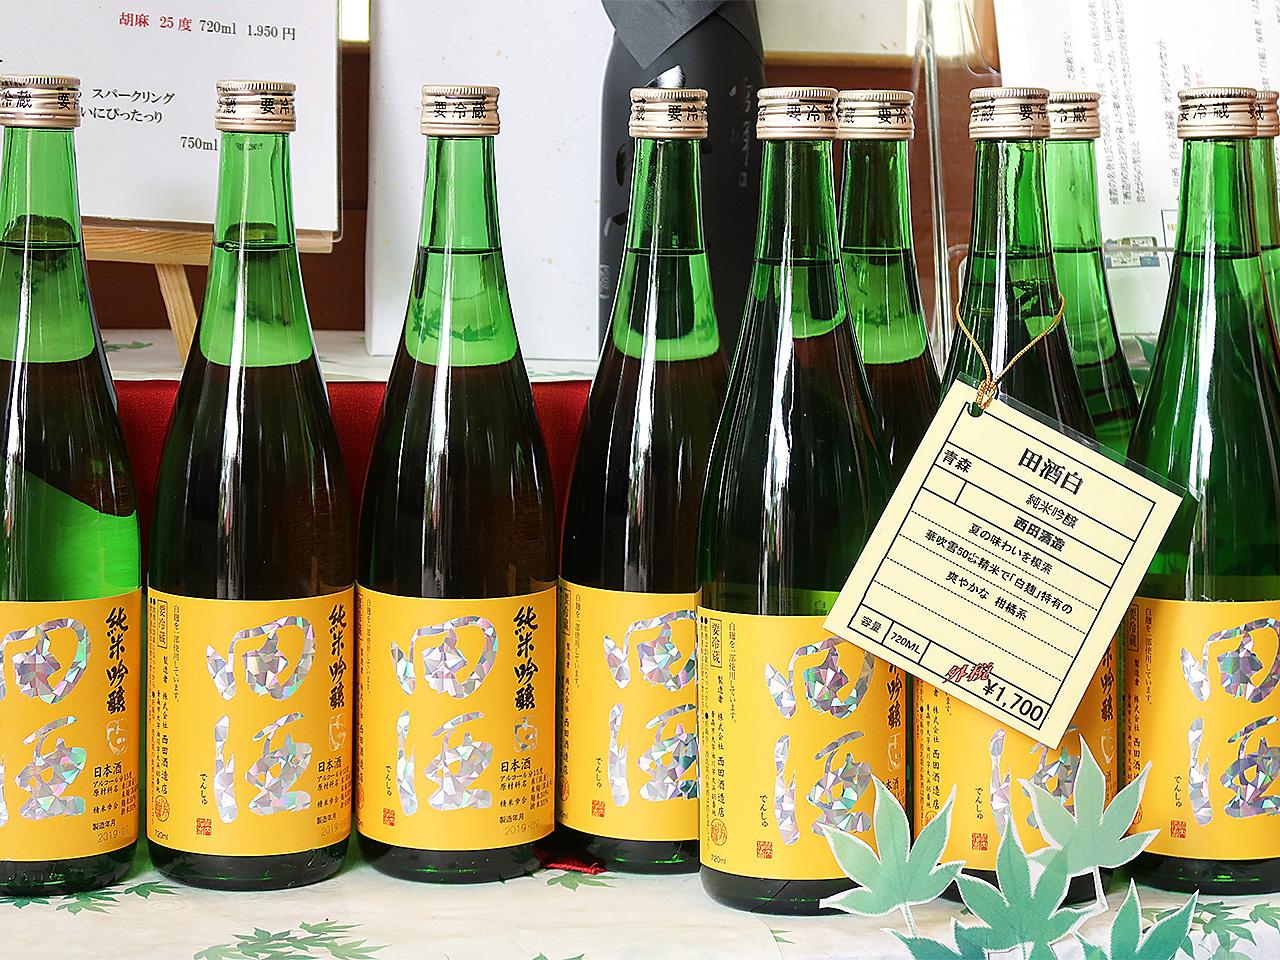 前川田酒店に並ぶ田酒